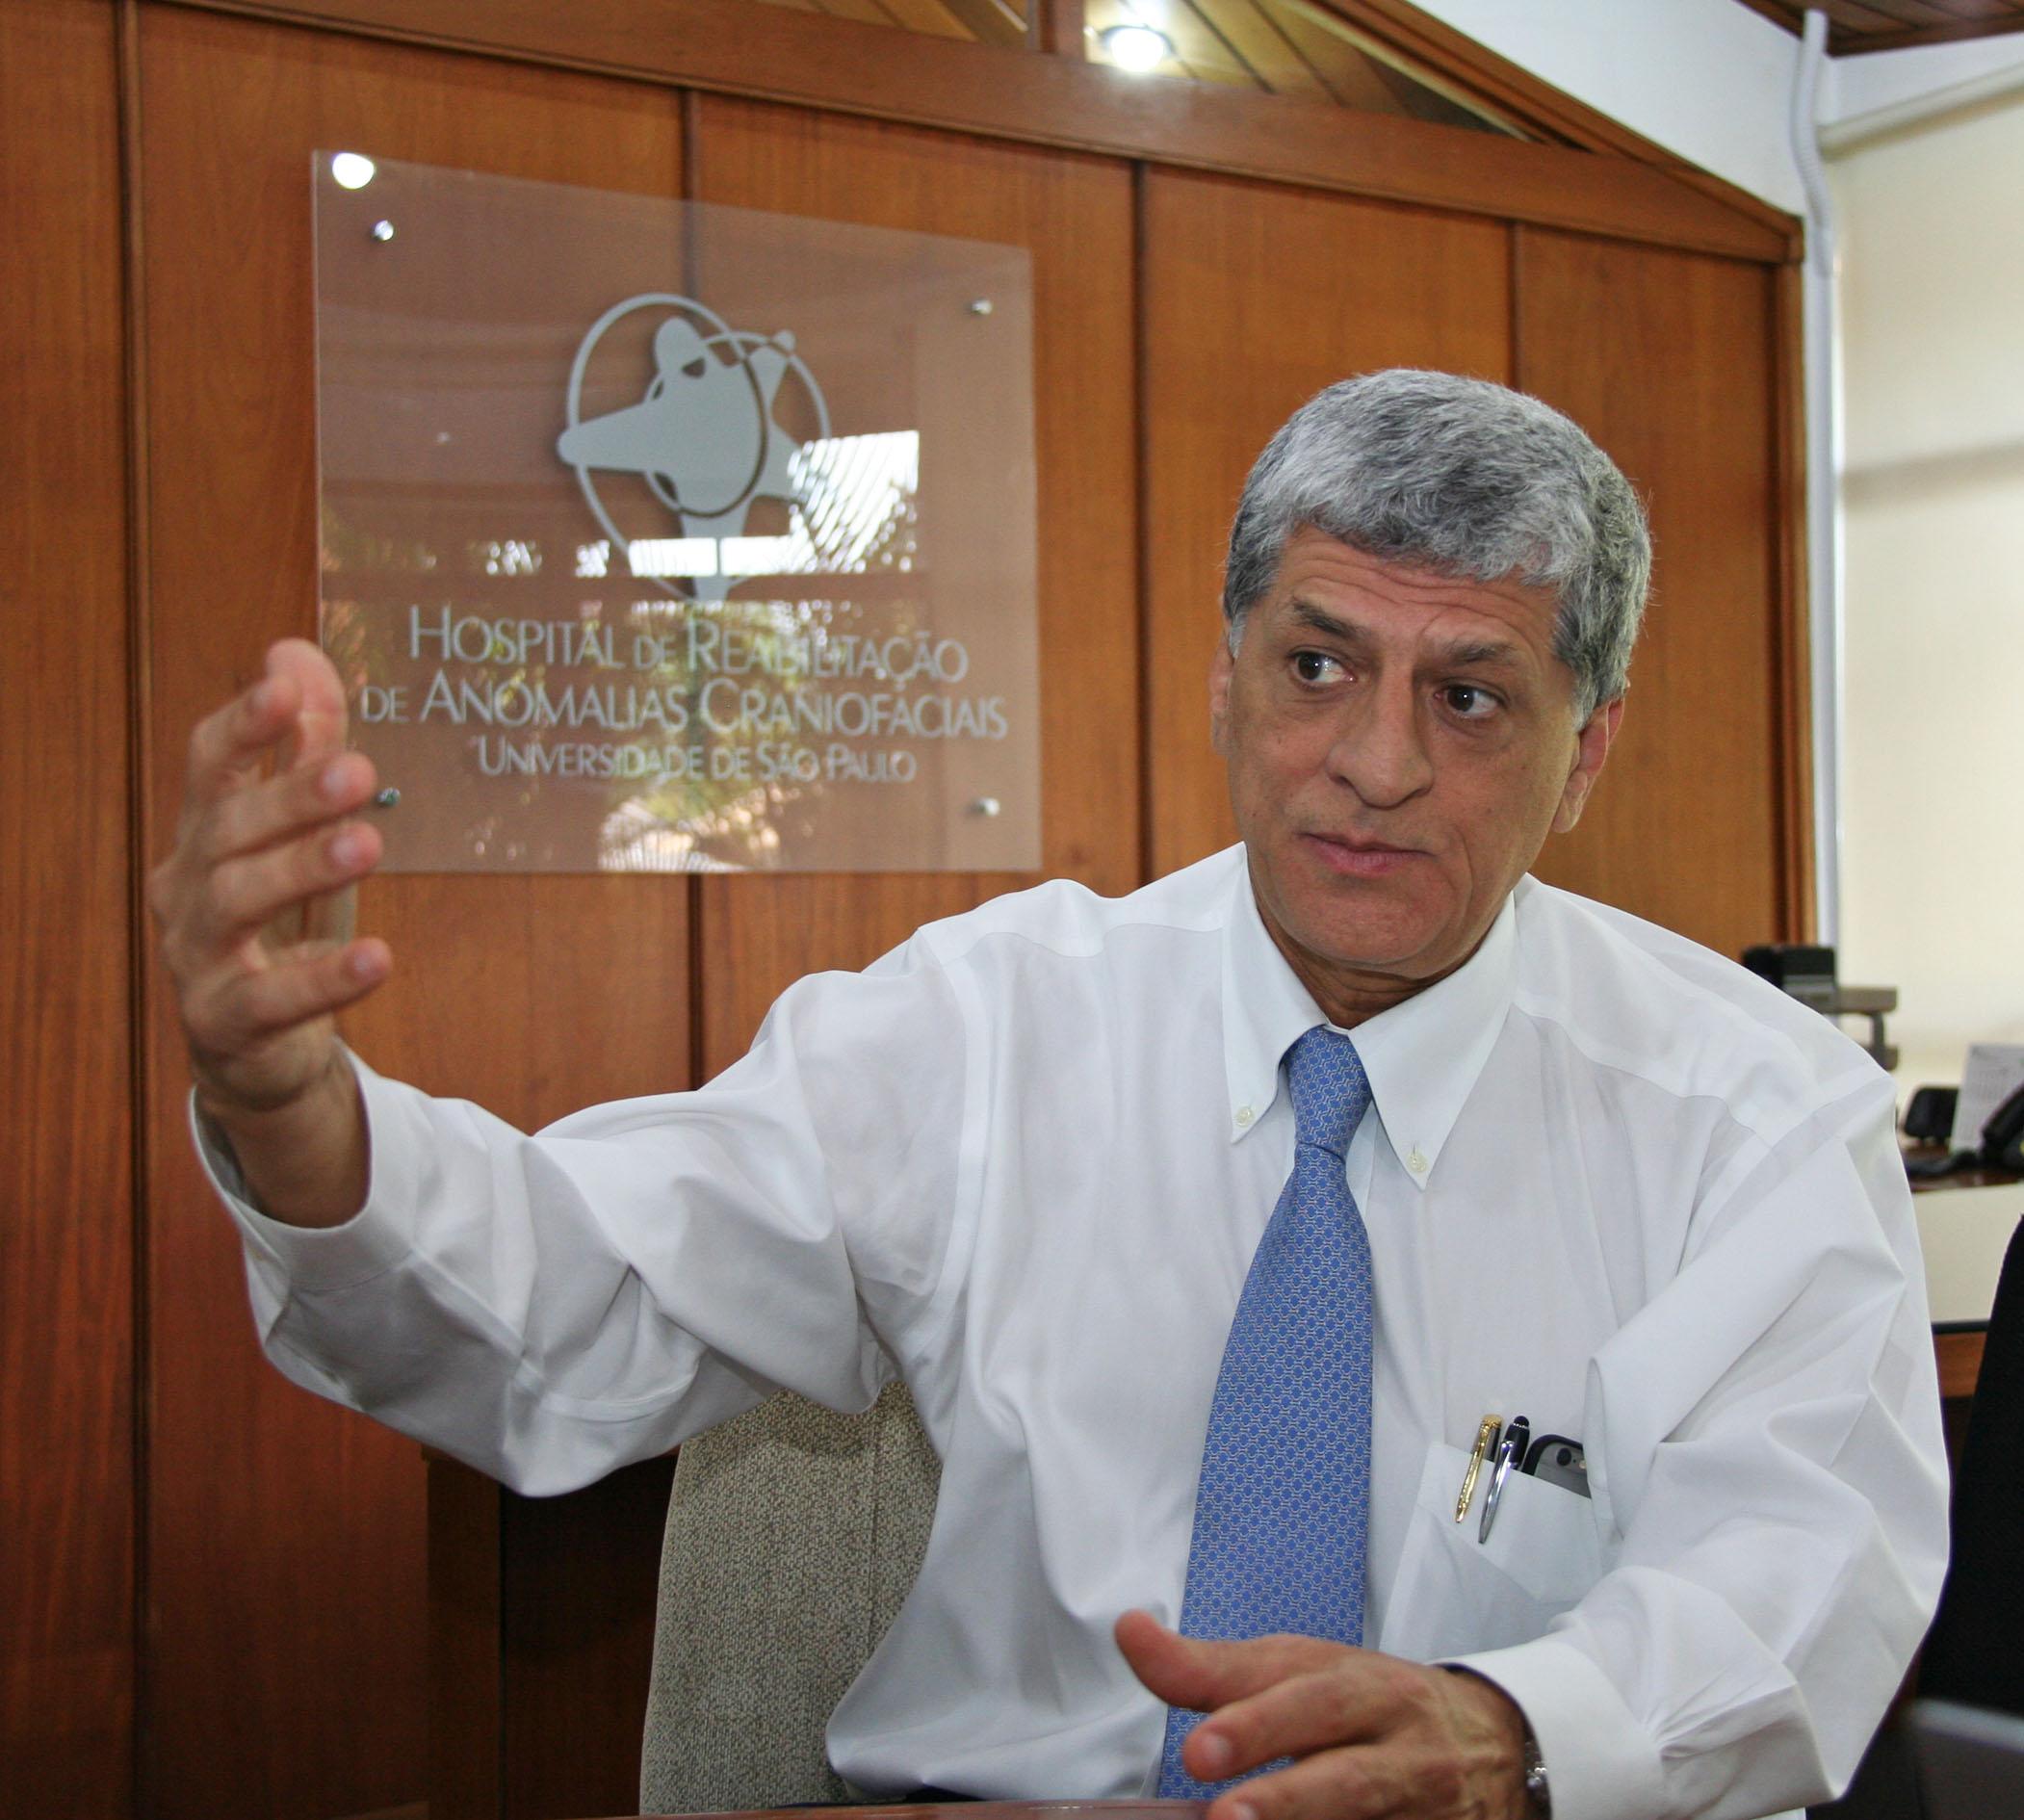 Professor da USP é o primeiro brasileiro nomeado para conselho médico internacional em fissuras